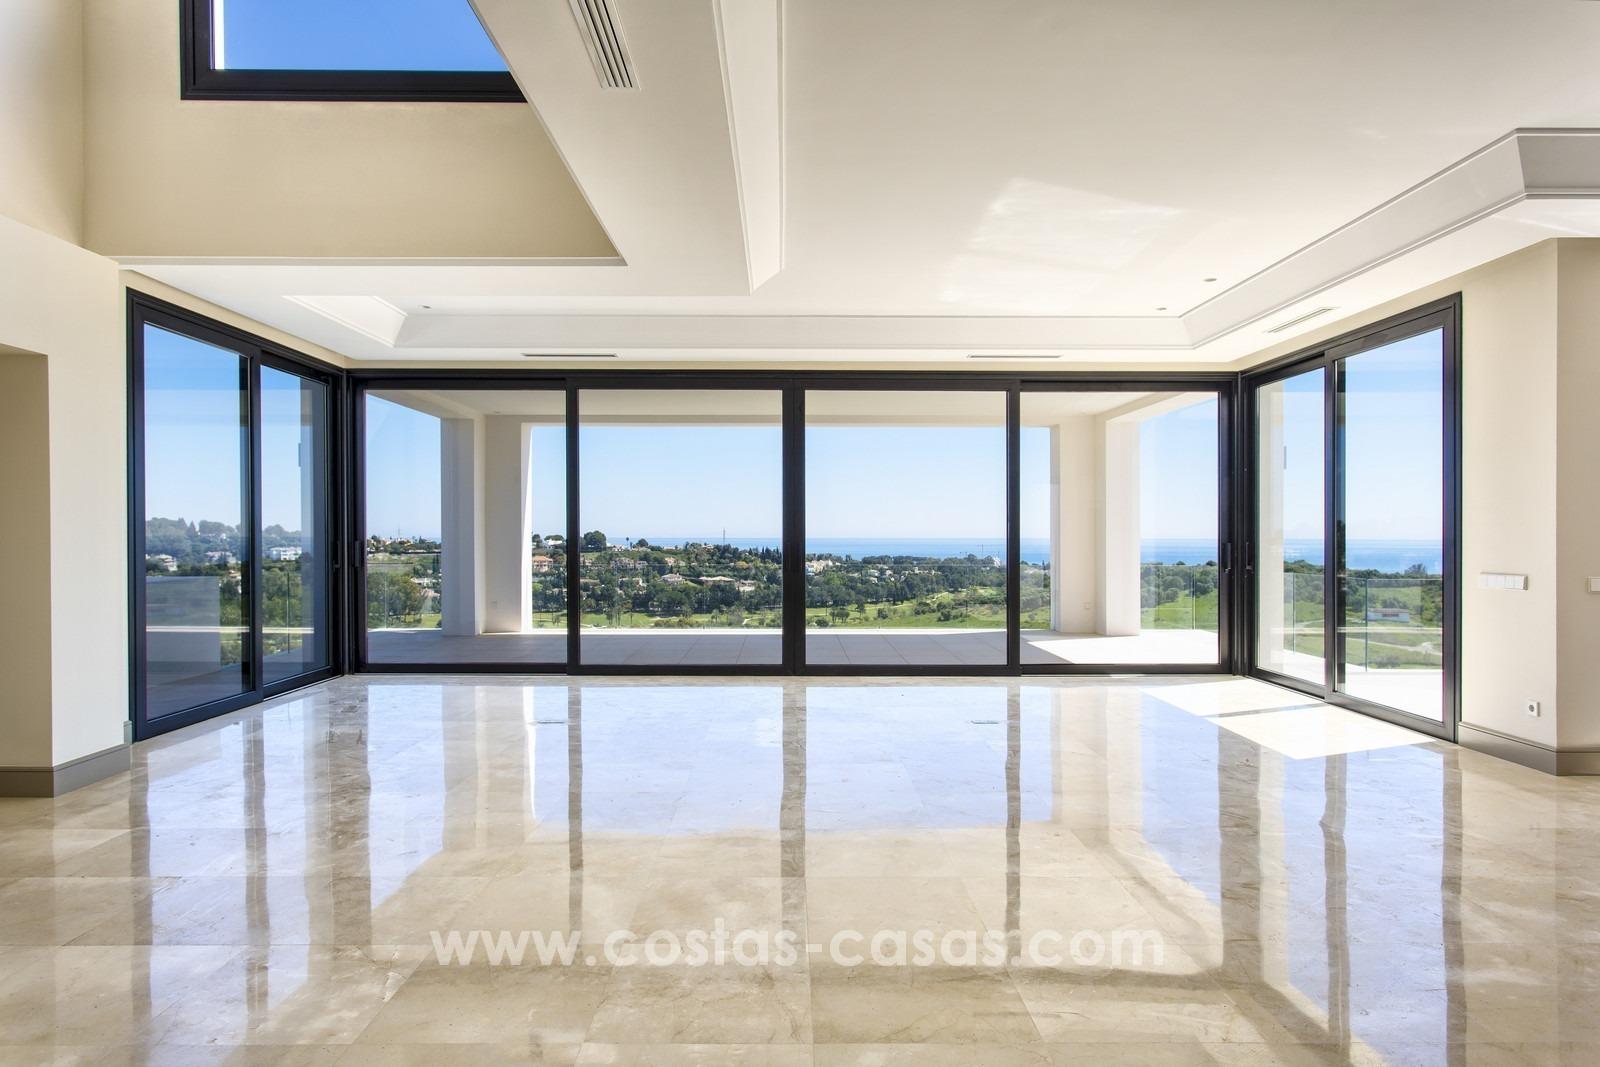 Nueva villa moderna venta vistas al mar en benahavis marbella for Villa moderna